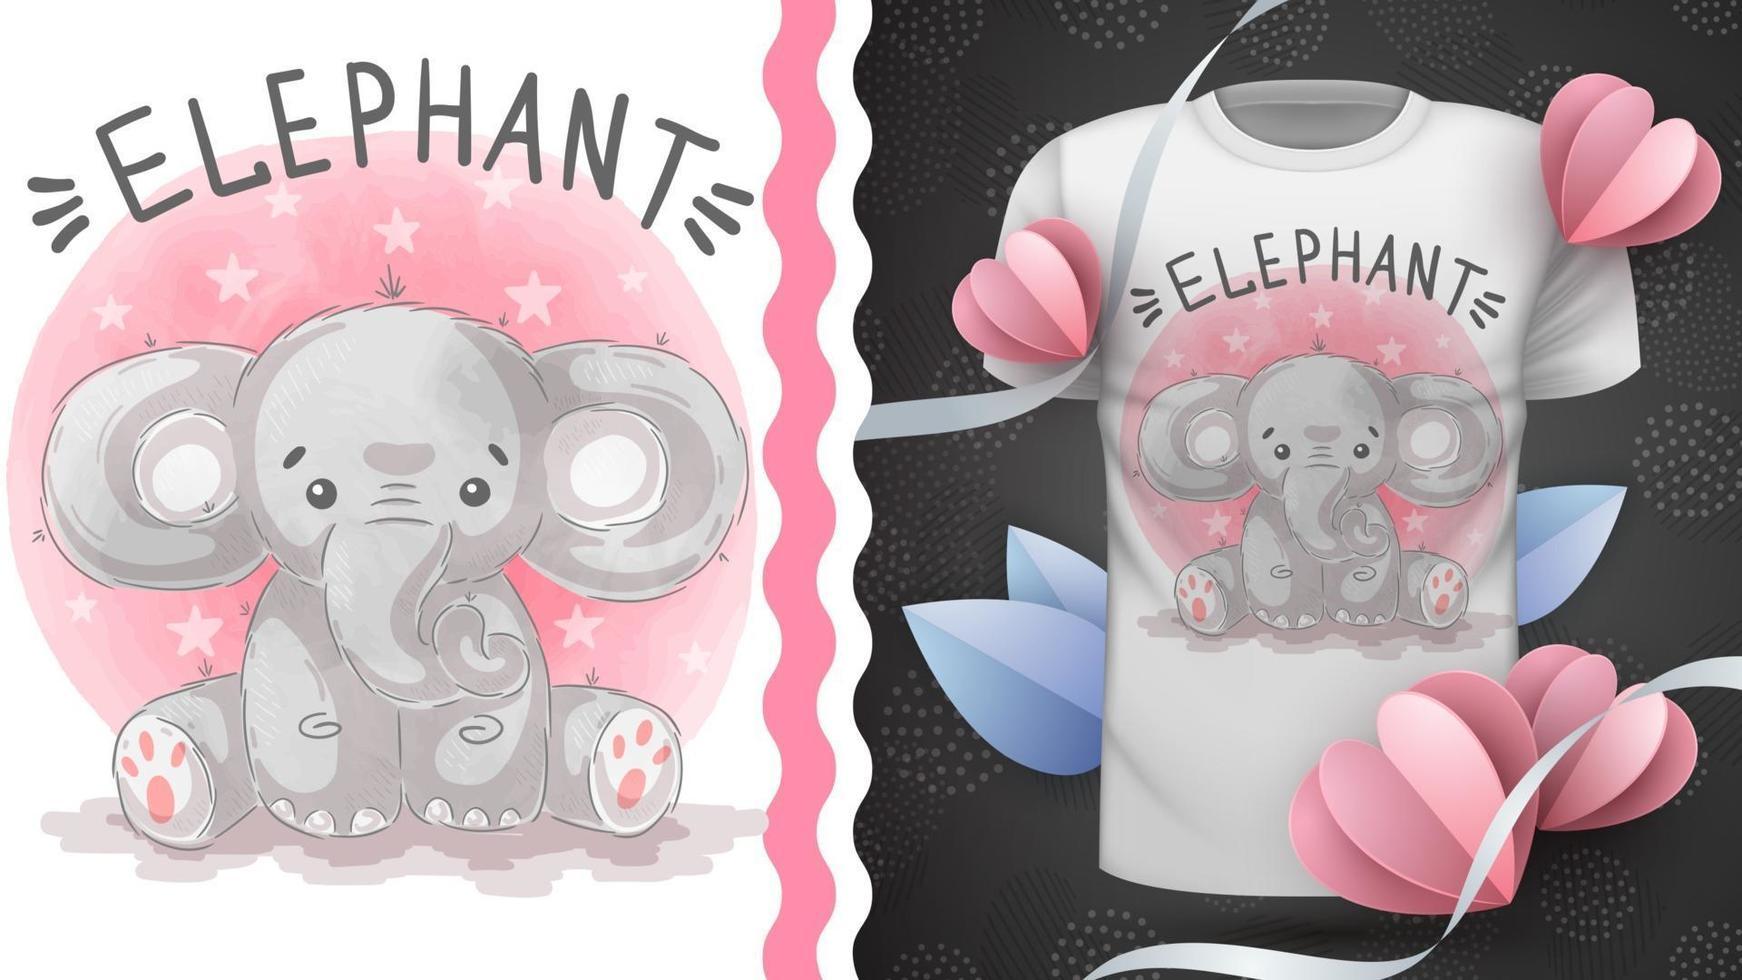 animal de pelúcia elefante personagem de desenho animado vetor